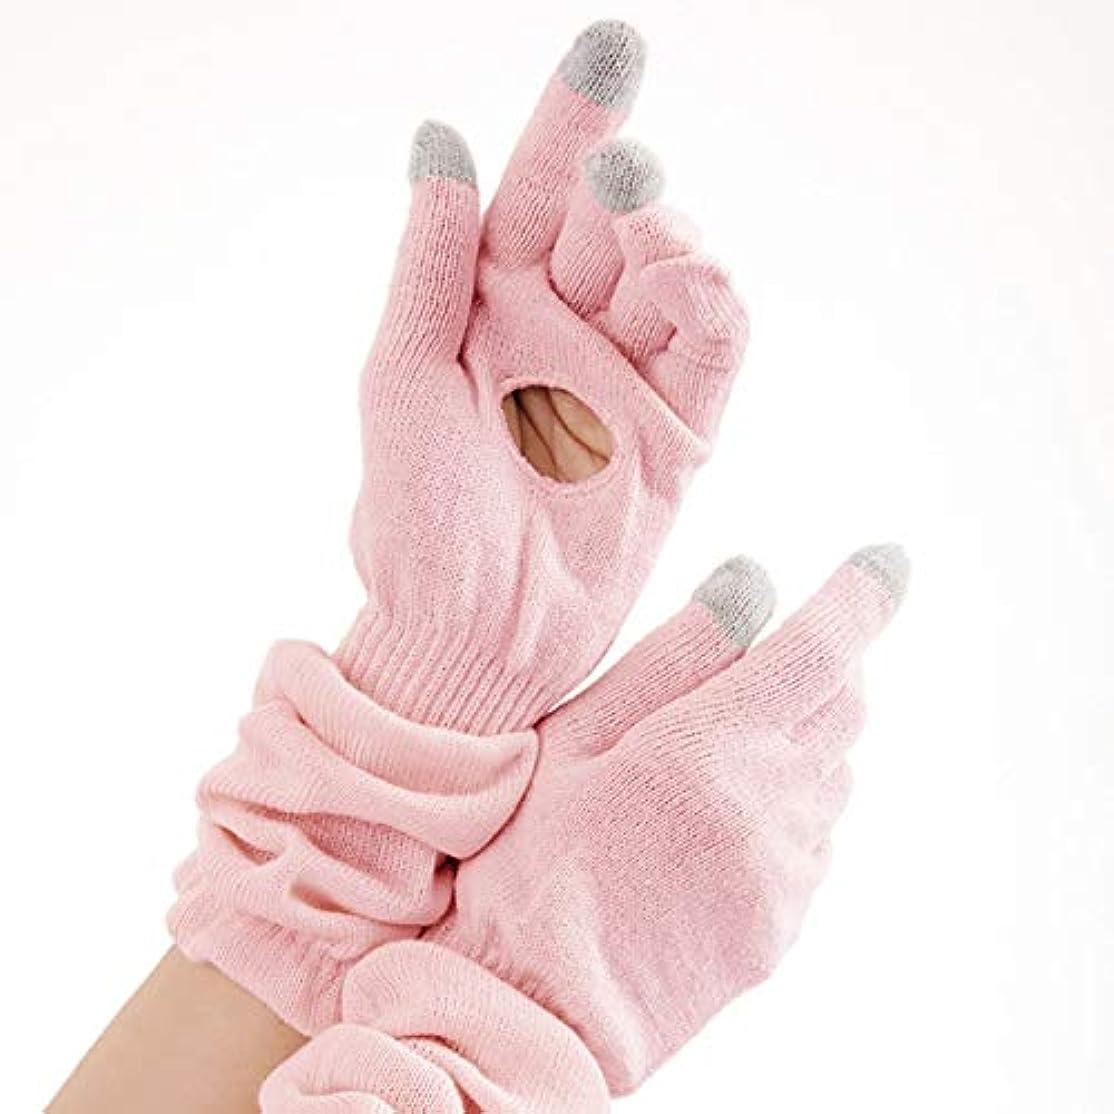 不満洋服複雑なアルファックス 手袋 シルク混 ふんわりオープンホール 手袋 ピンク 1双入 AP-431329 | 手のひらホール 蒸れない 快眠 手荒れ 乾燥対策 やさしい シルク 腕周りゆったりゴム しめつけない ラクラク 優しい...